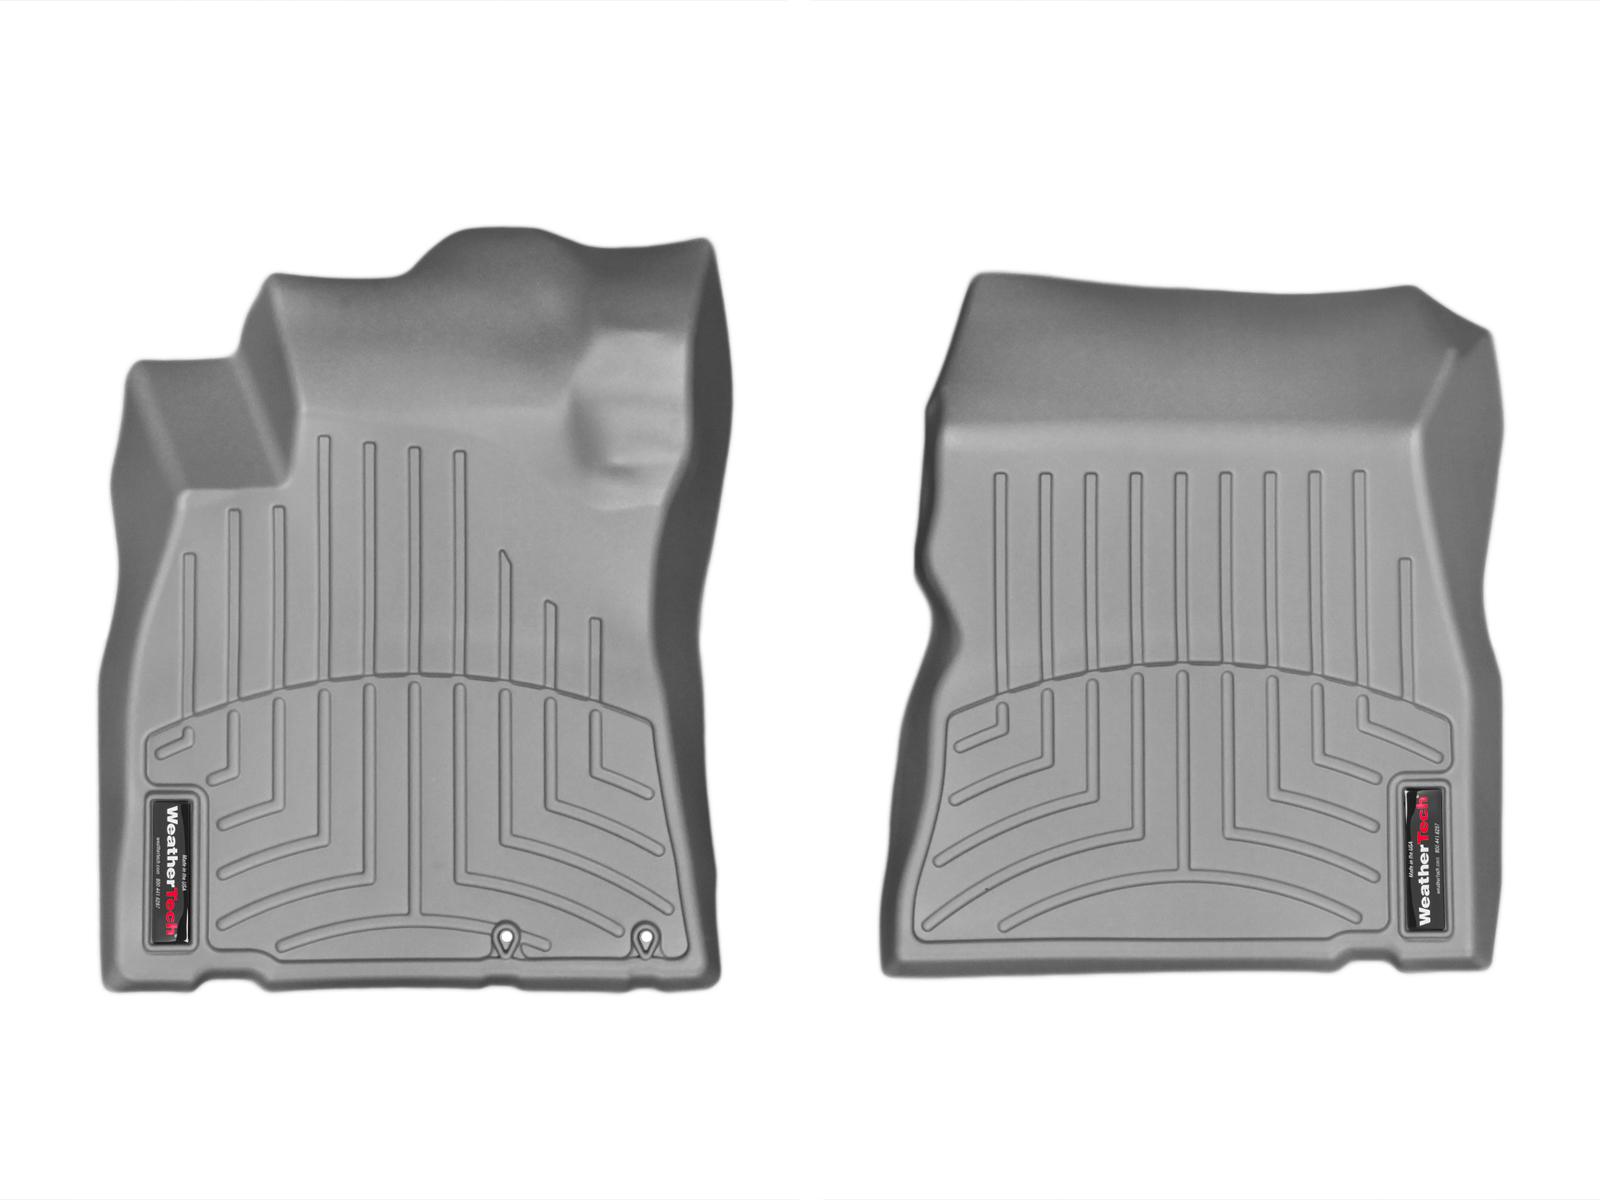 Tappeti gomma su misura bordo alto Nissan Note 14>17 Grigio A2901